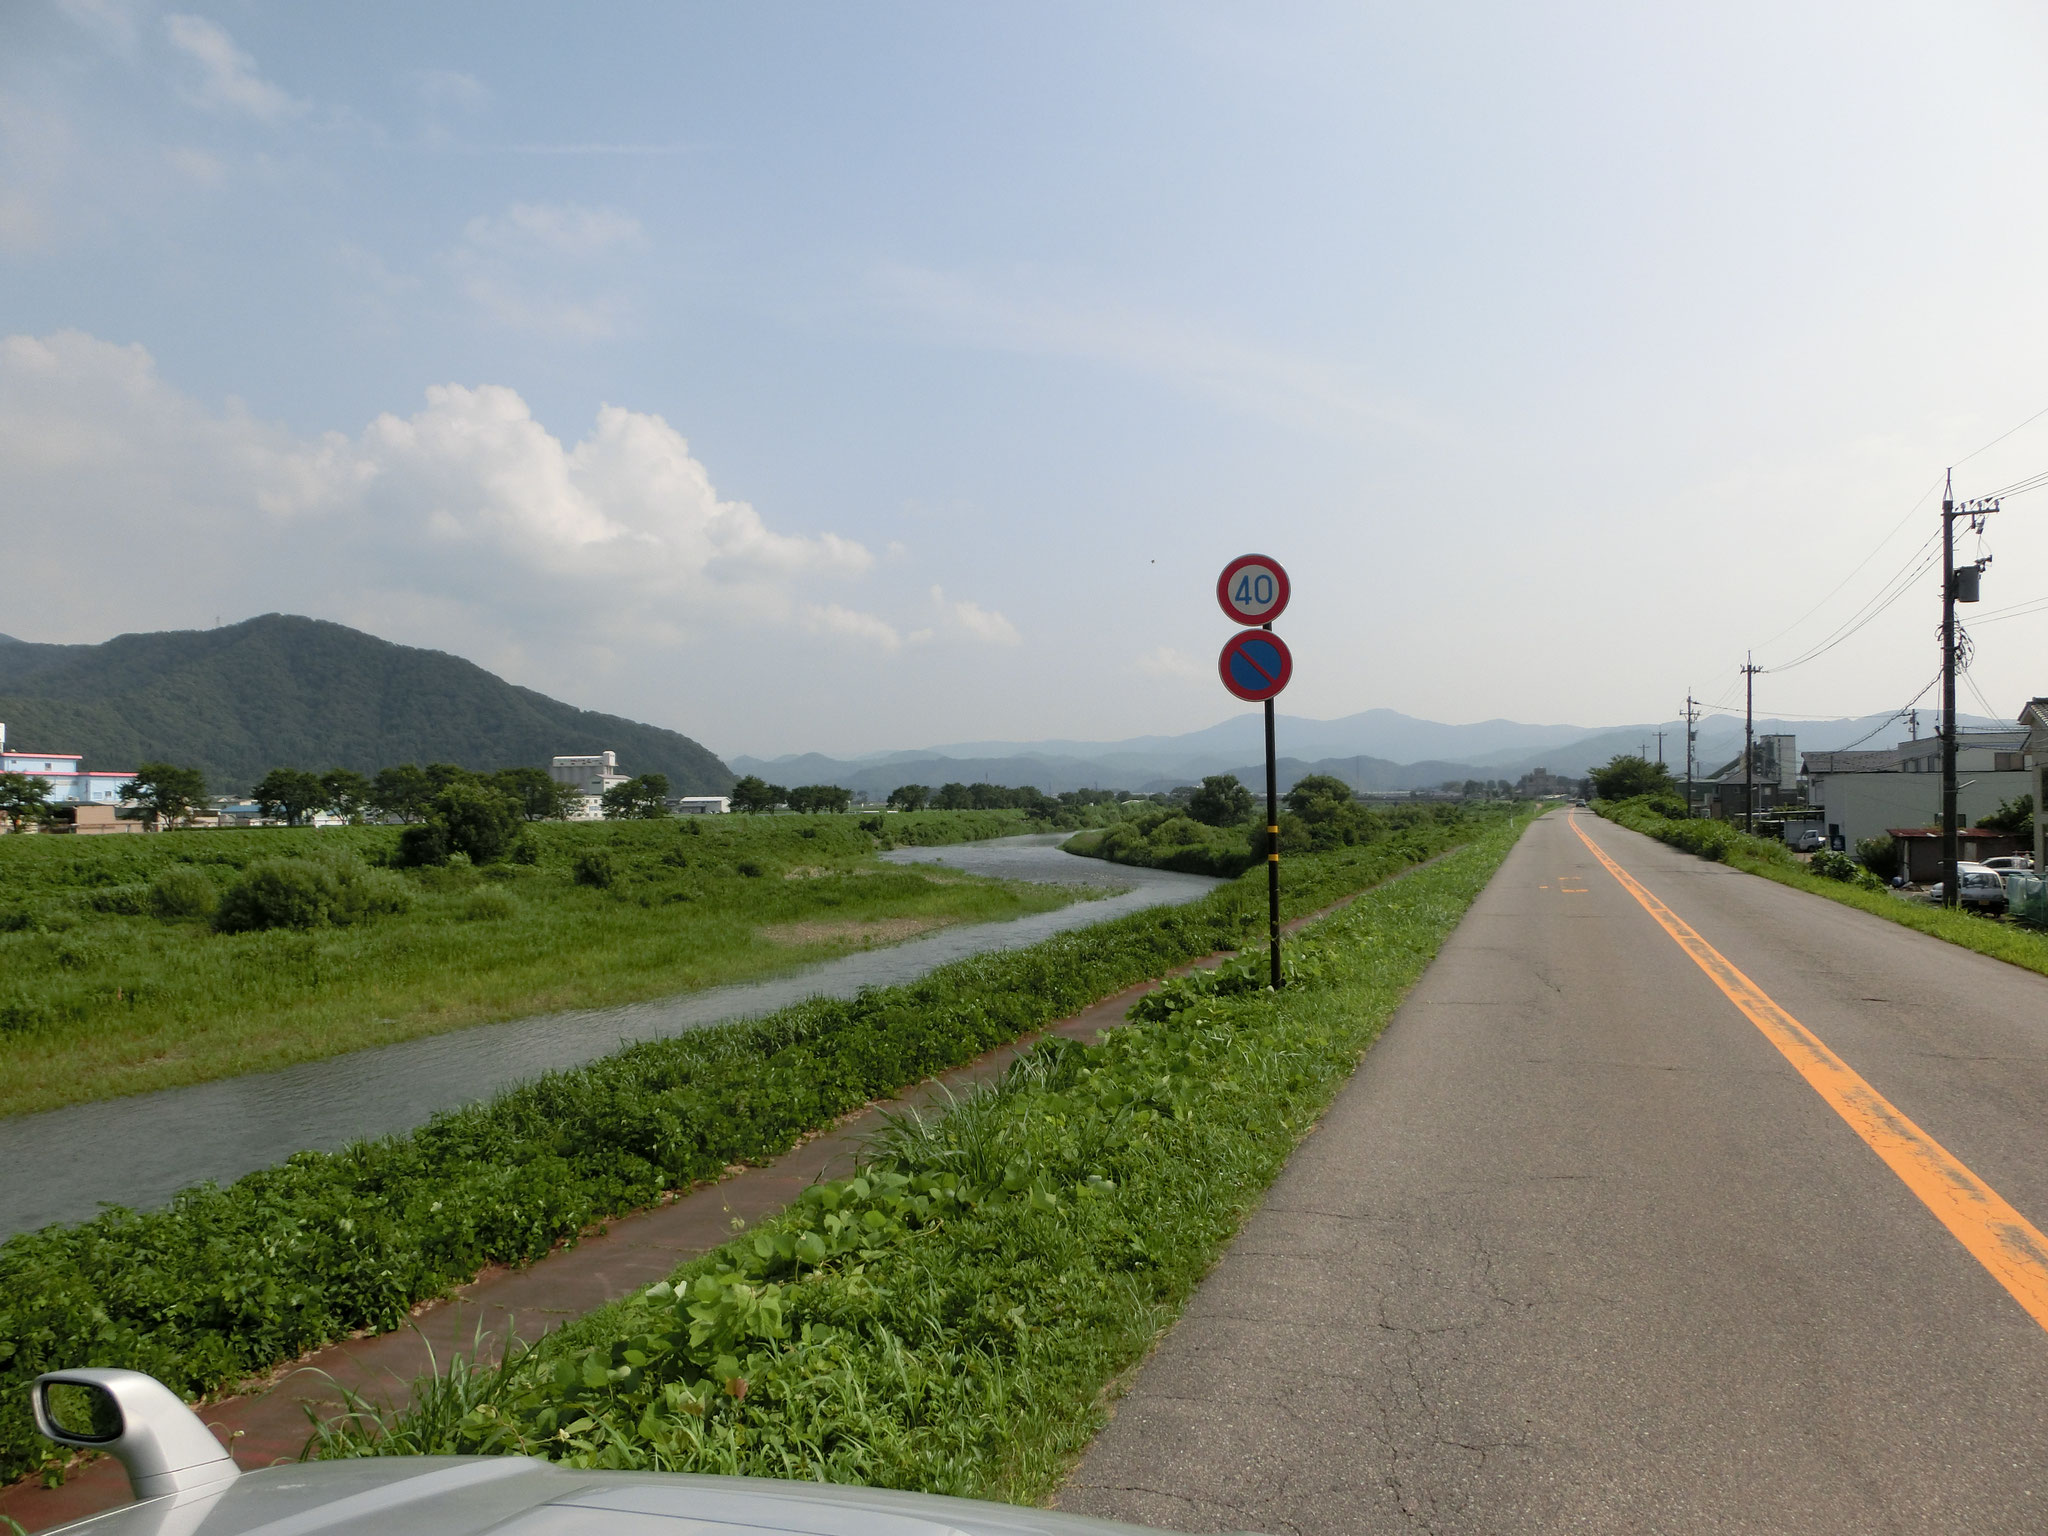 H28.7.27 15時 越前市 日野大橋下流